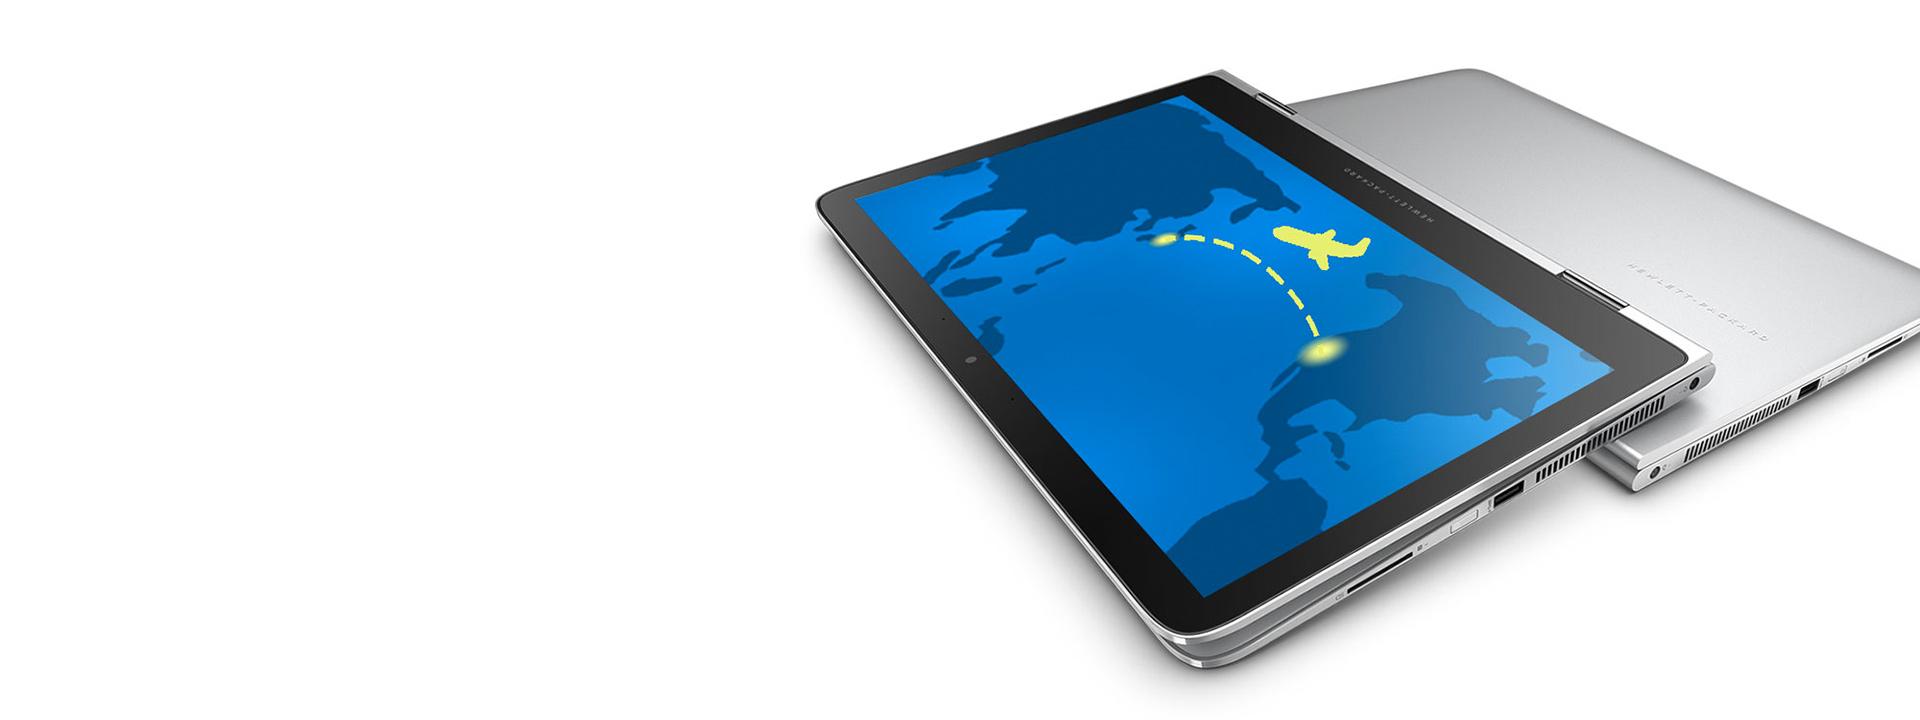 비행기가 있는 태블릿 모드의 HP Spectre x360